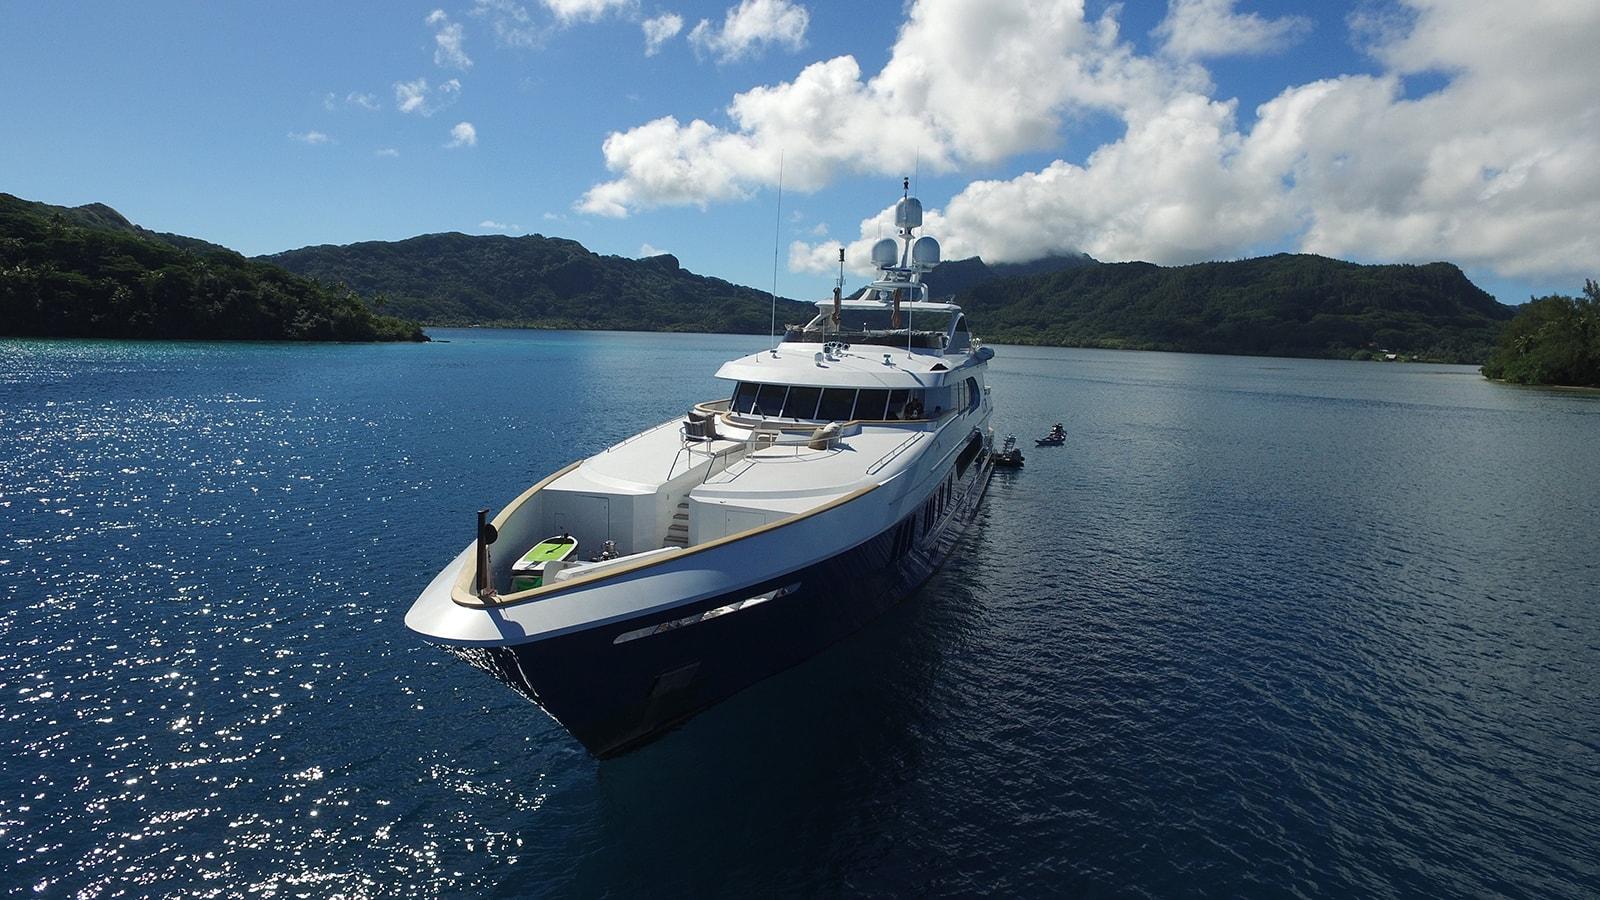 La Dea II yacht for Charter